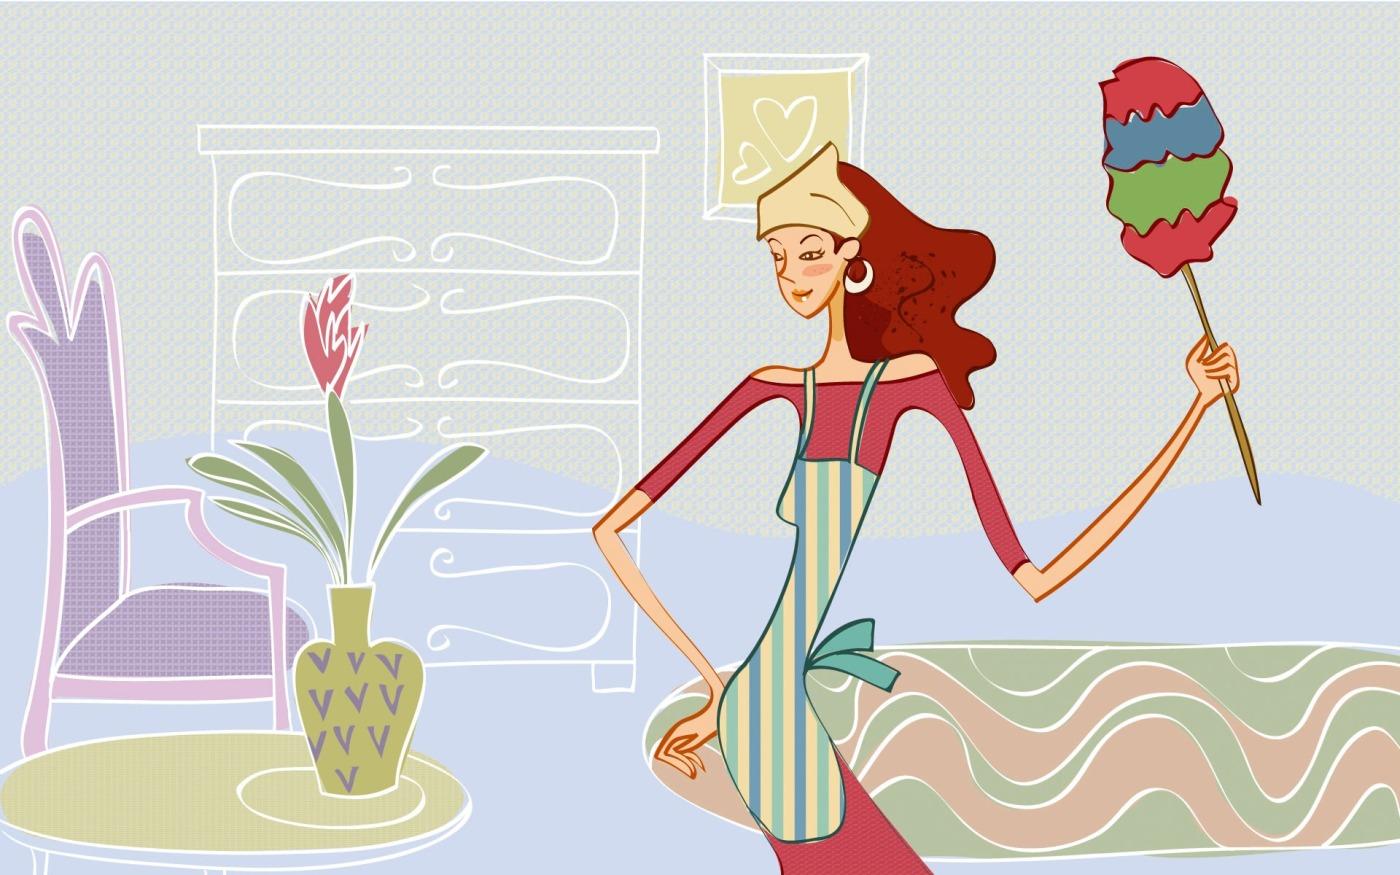 Pulizie di primavera consigli last minute per avere una casa impeccabile per pasqua le regole - Pulizie di casa consigli ...